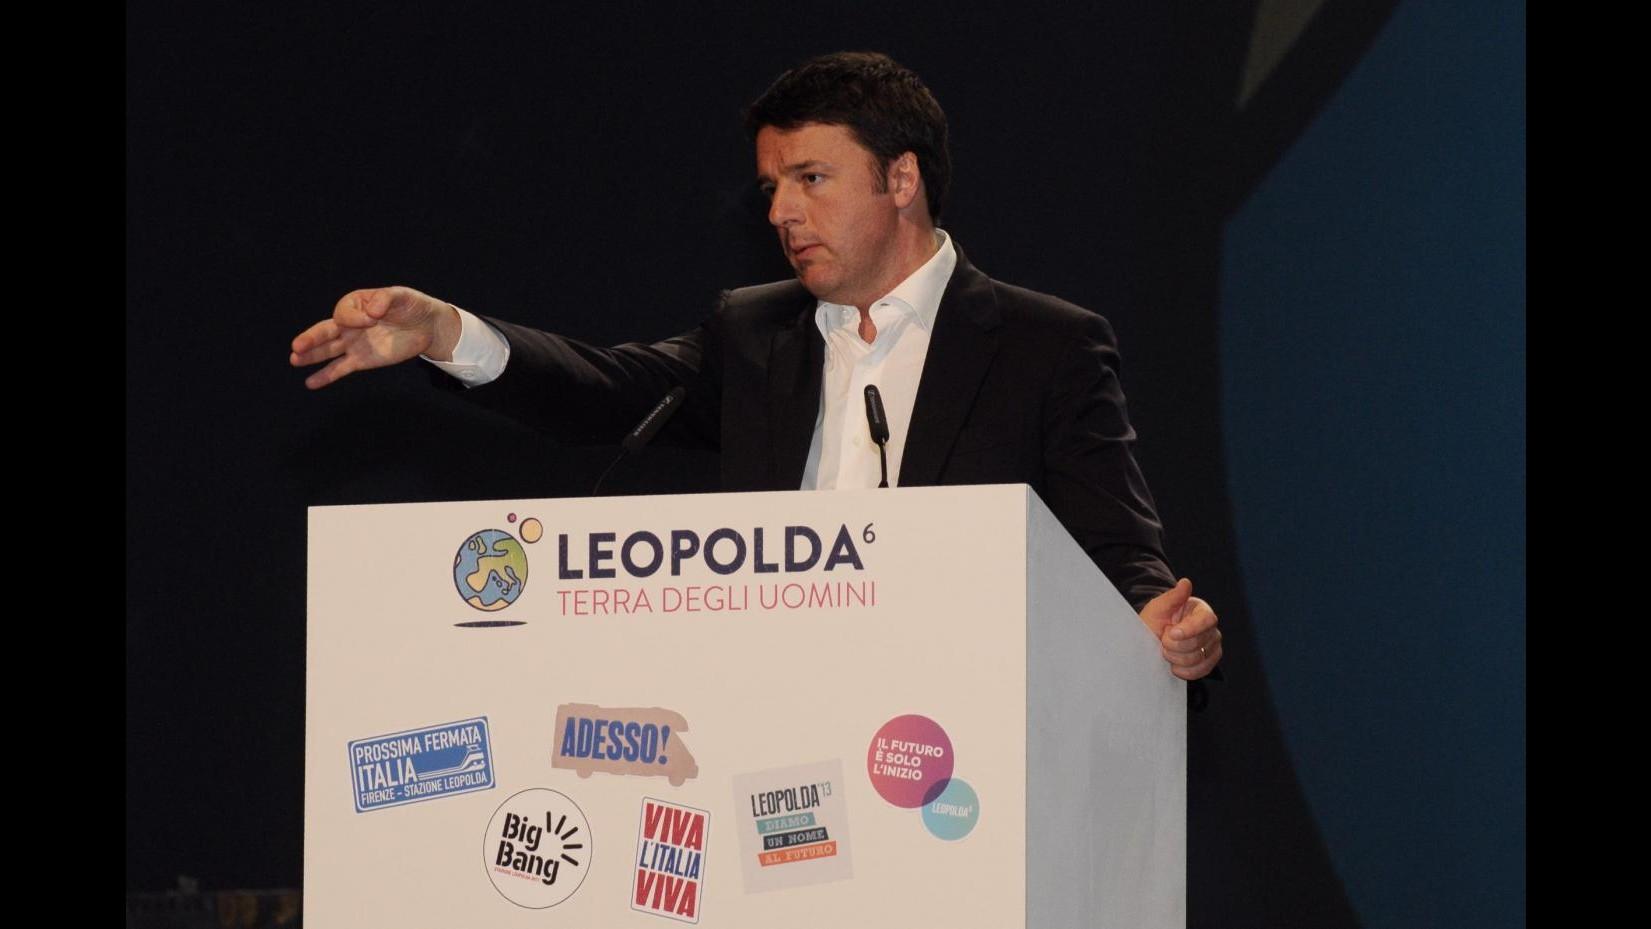 Leopolda, dopo le polemiche, prossima fermata: elezioni